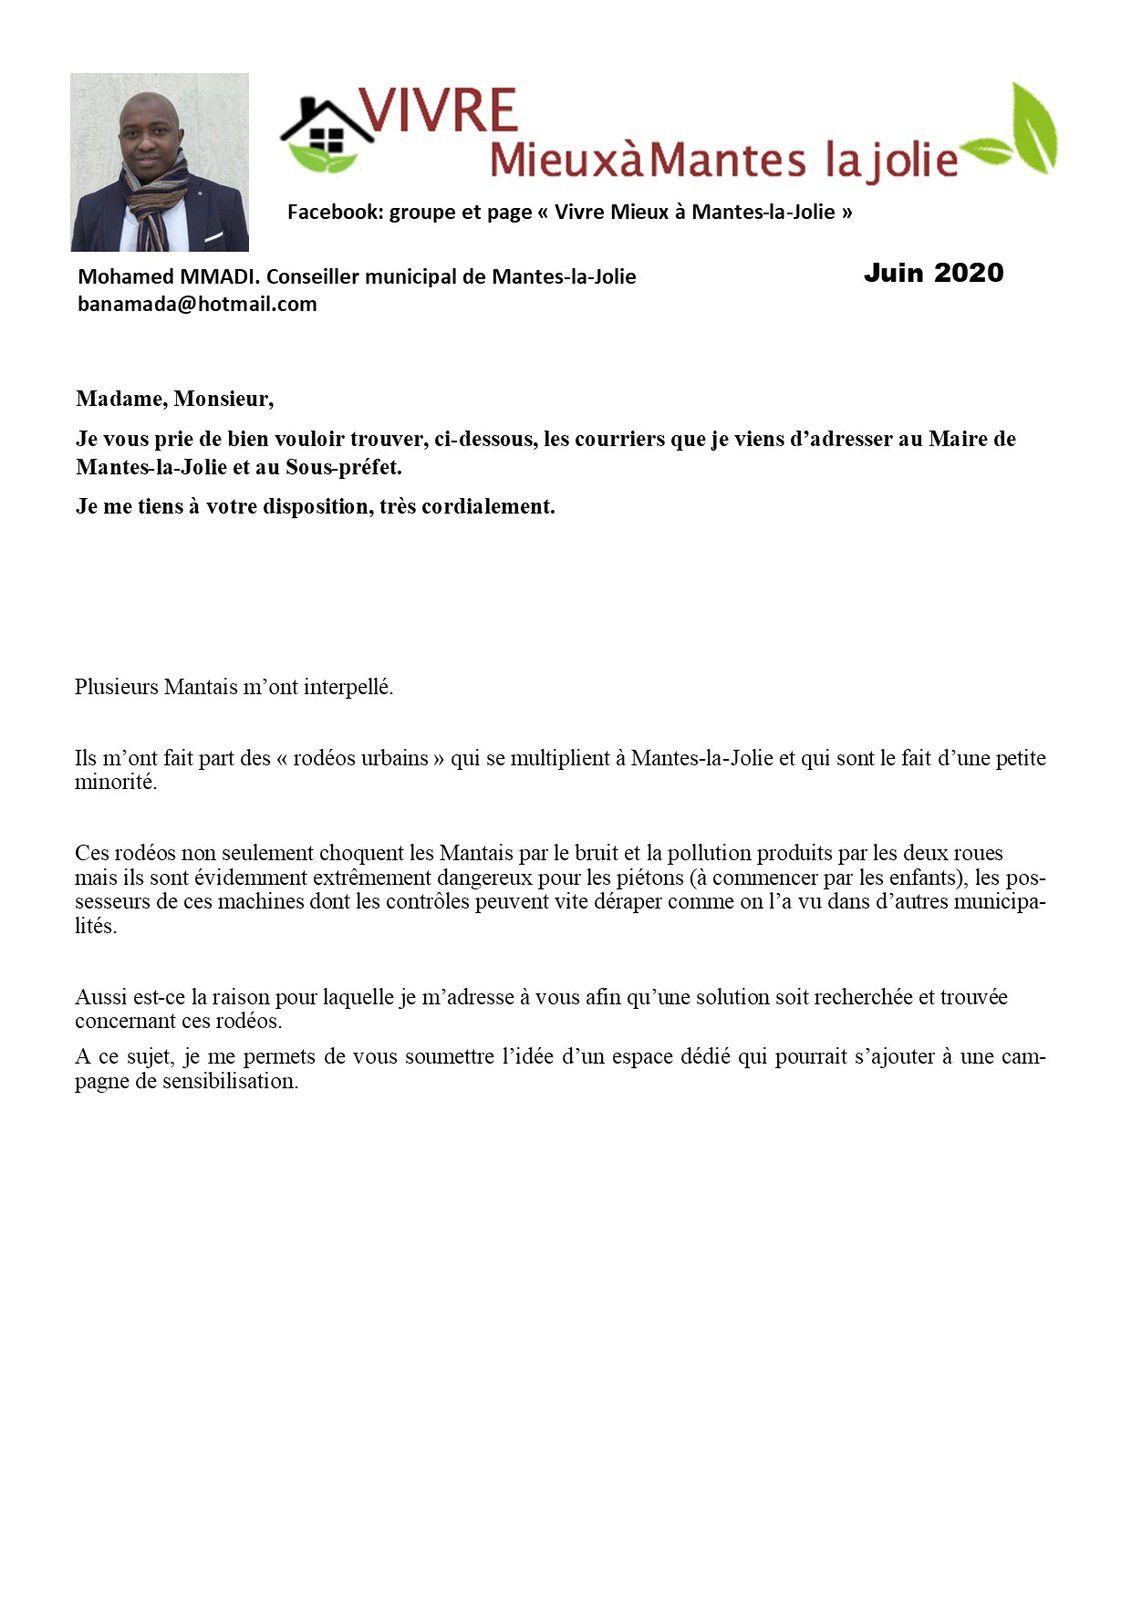 Rodéos à Mantes-la-Jolie. Mohamed M'MADI intervient auprès du Maire et du Sous-préfet